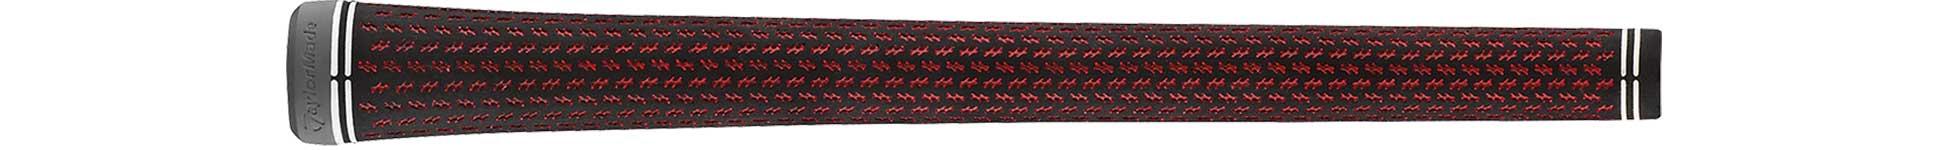 Crossline 360 Negro / Rojo